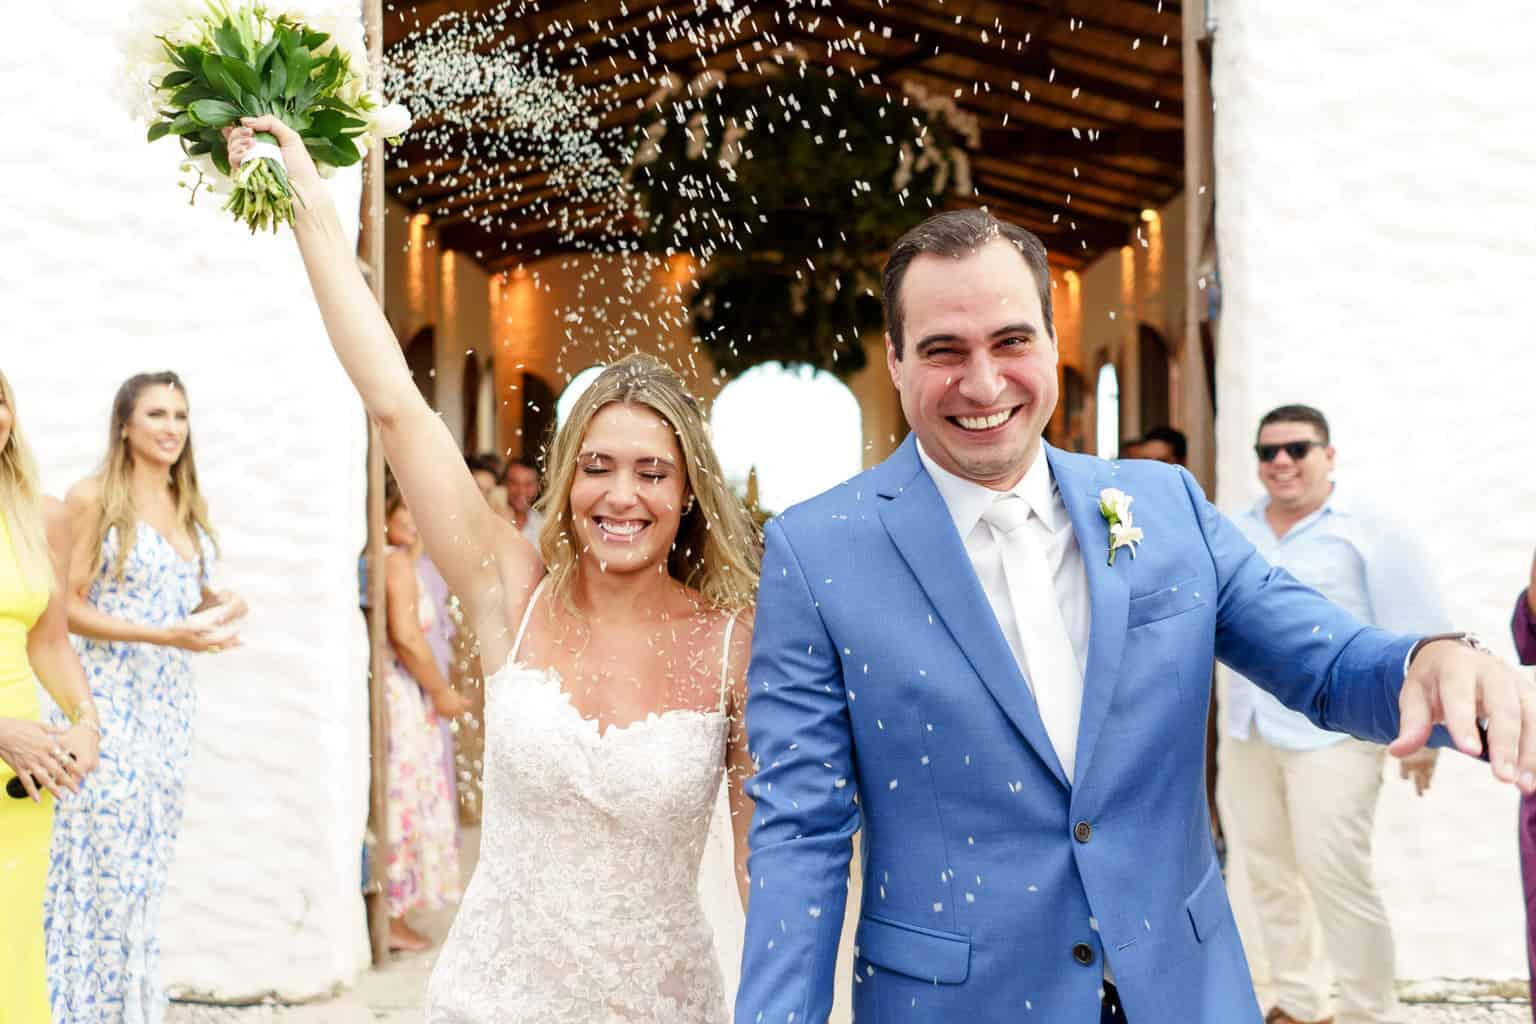 AL-Aline-e-Mauricio-capela-dos-milagres-casamento-casamento-na-praia-cerimonia-na-igreja-noivos-na-igreja-saida-dos-noivos100-1